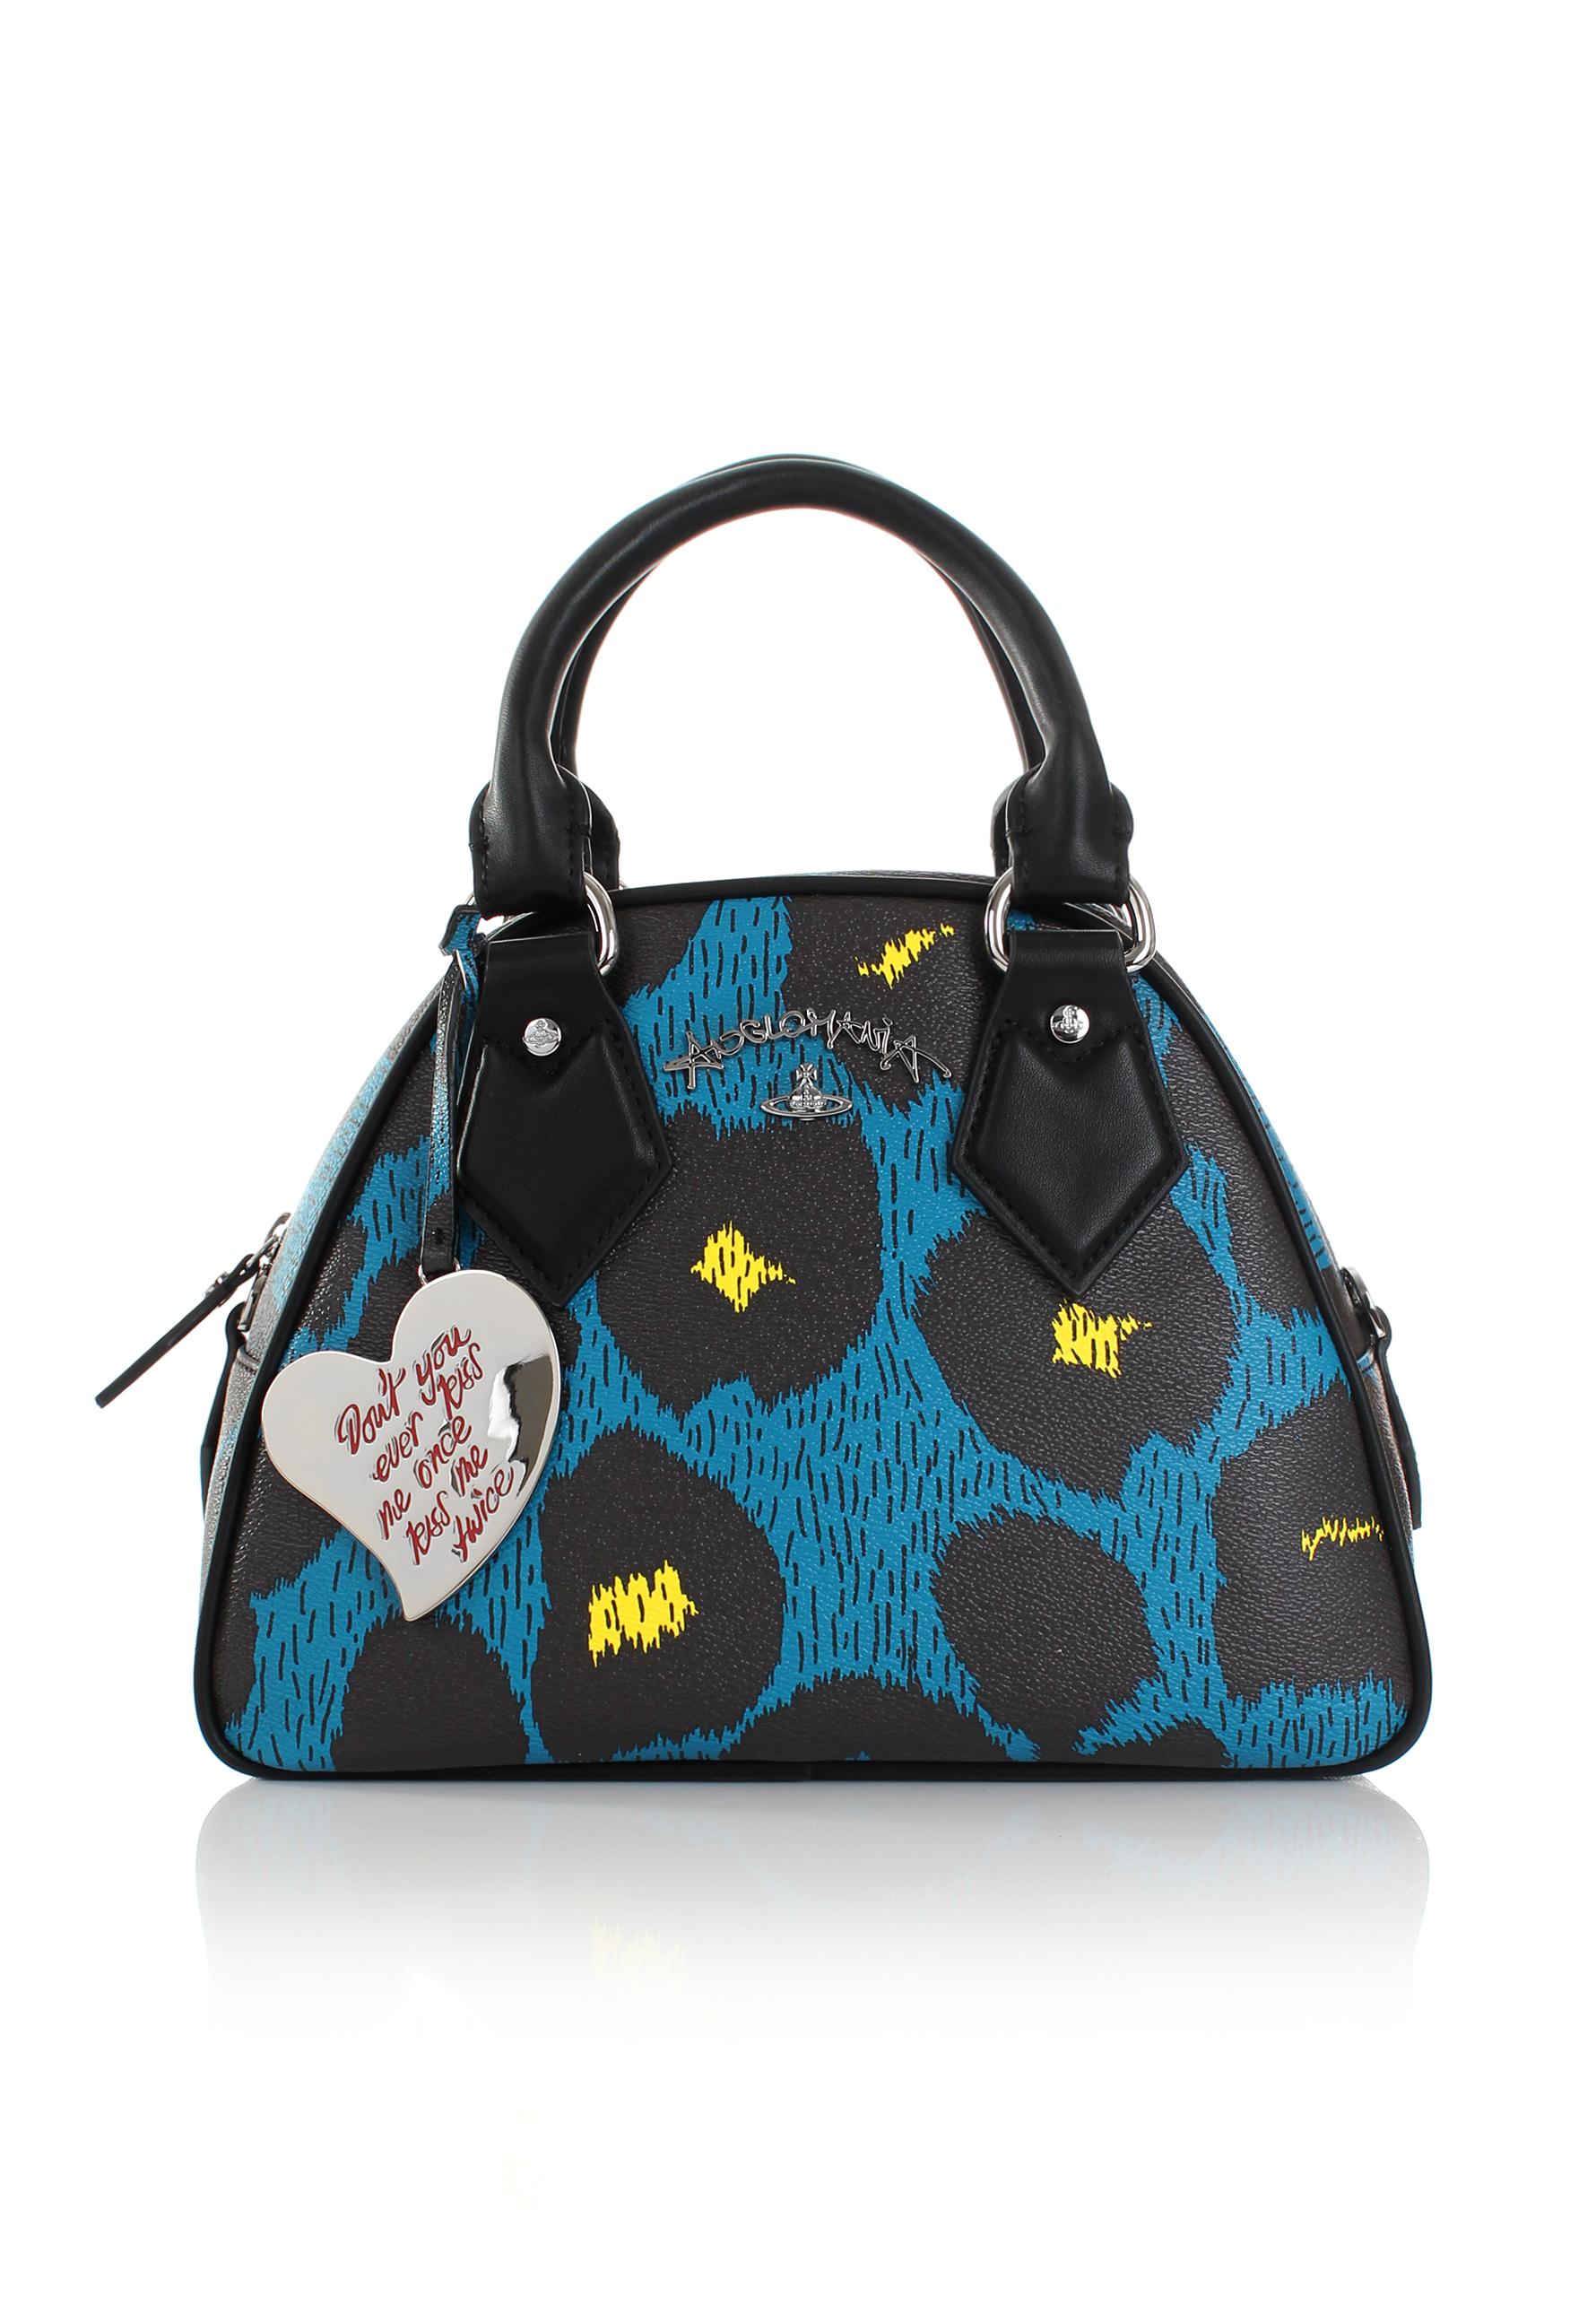 ddde9a8b14 Lyst - Vivienne Westwood Leopardmania 13947 Yasmine Bag Blue in Blue